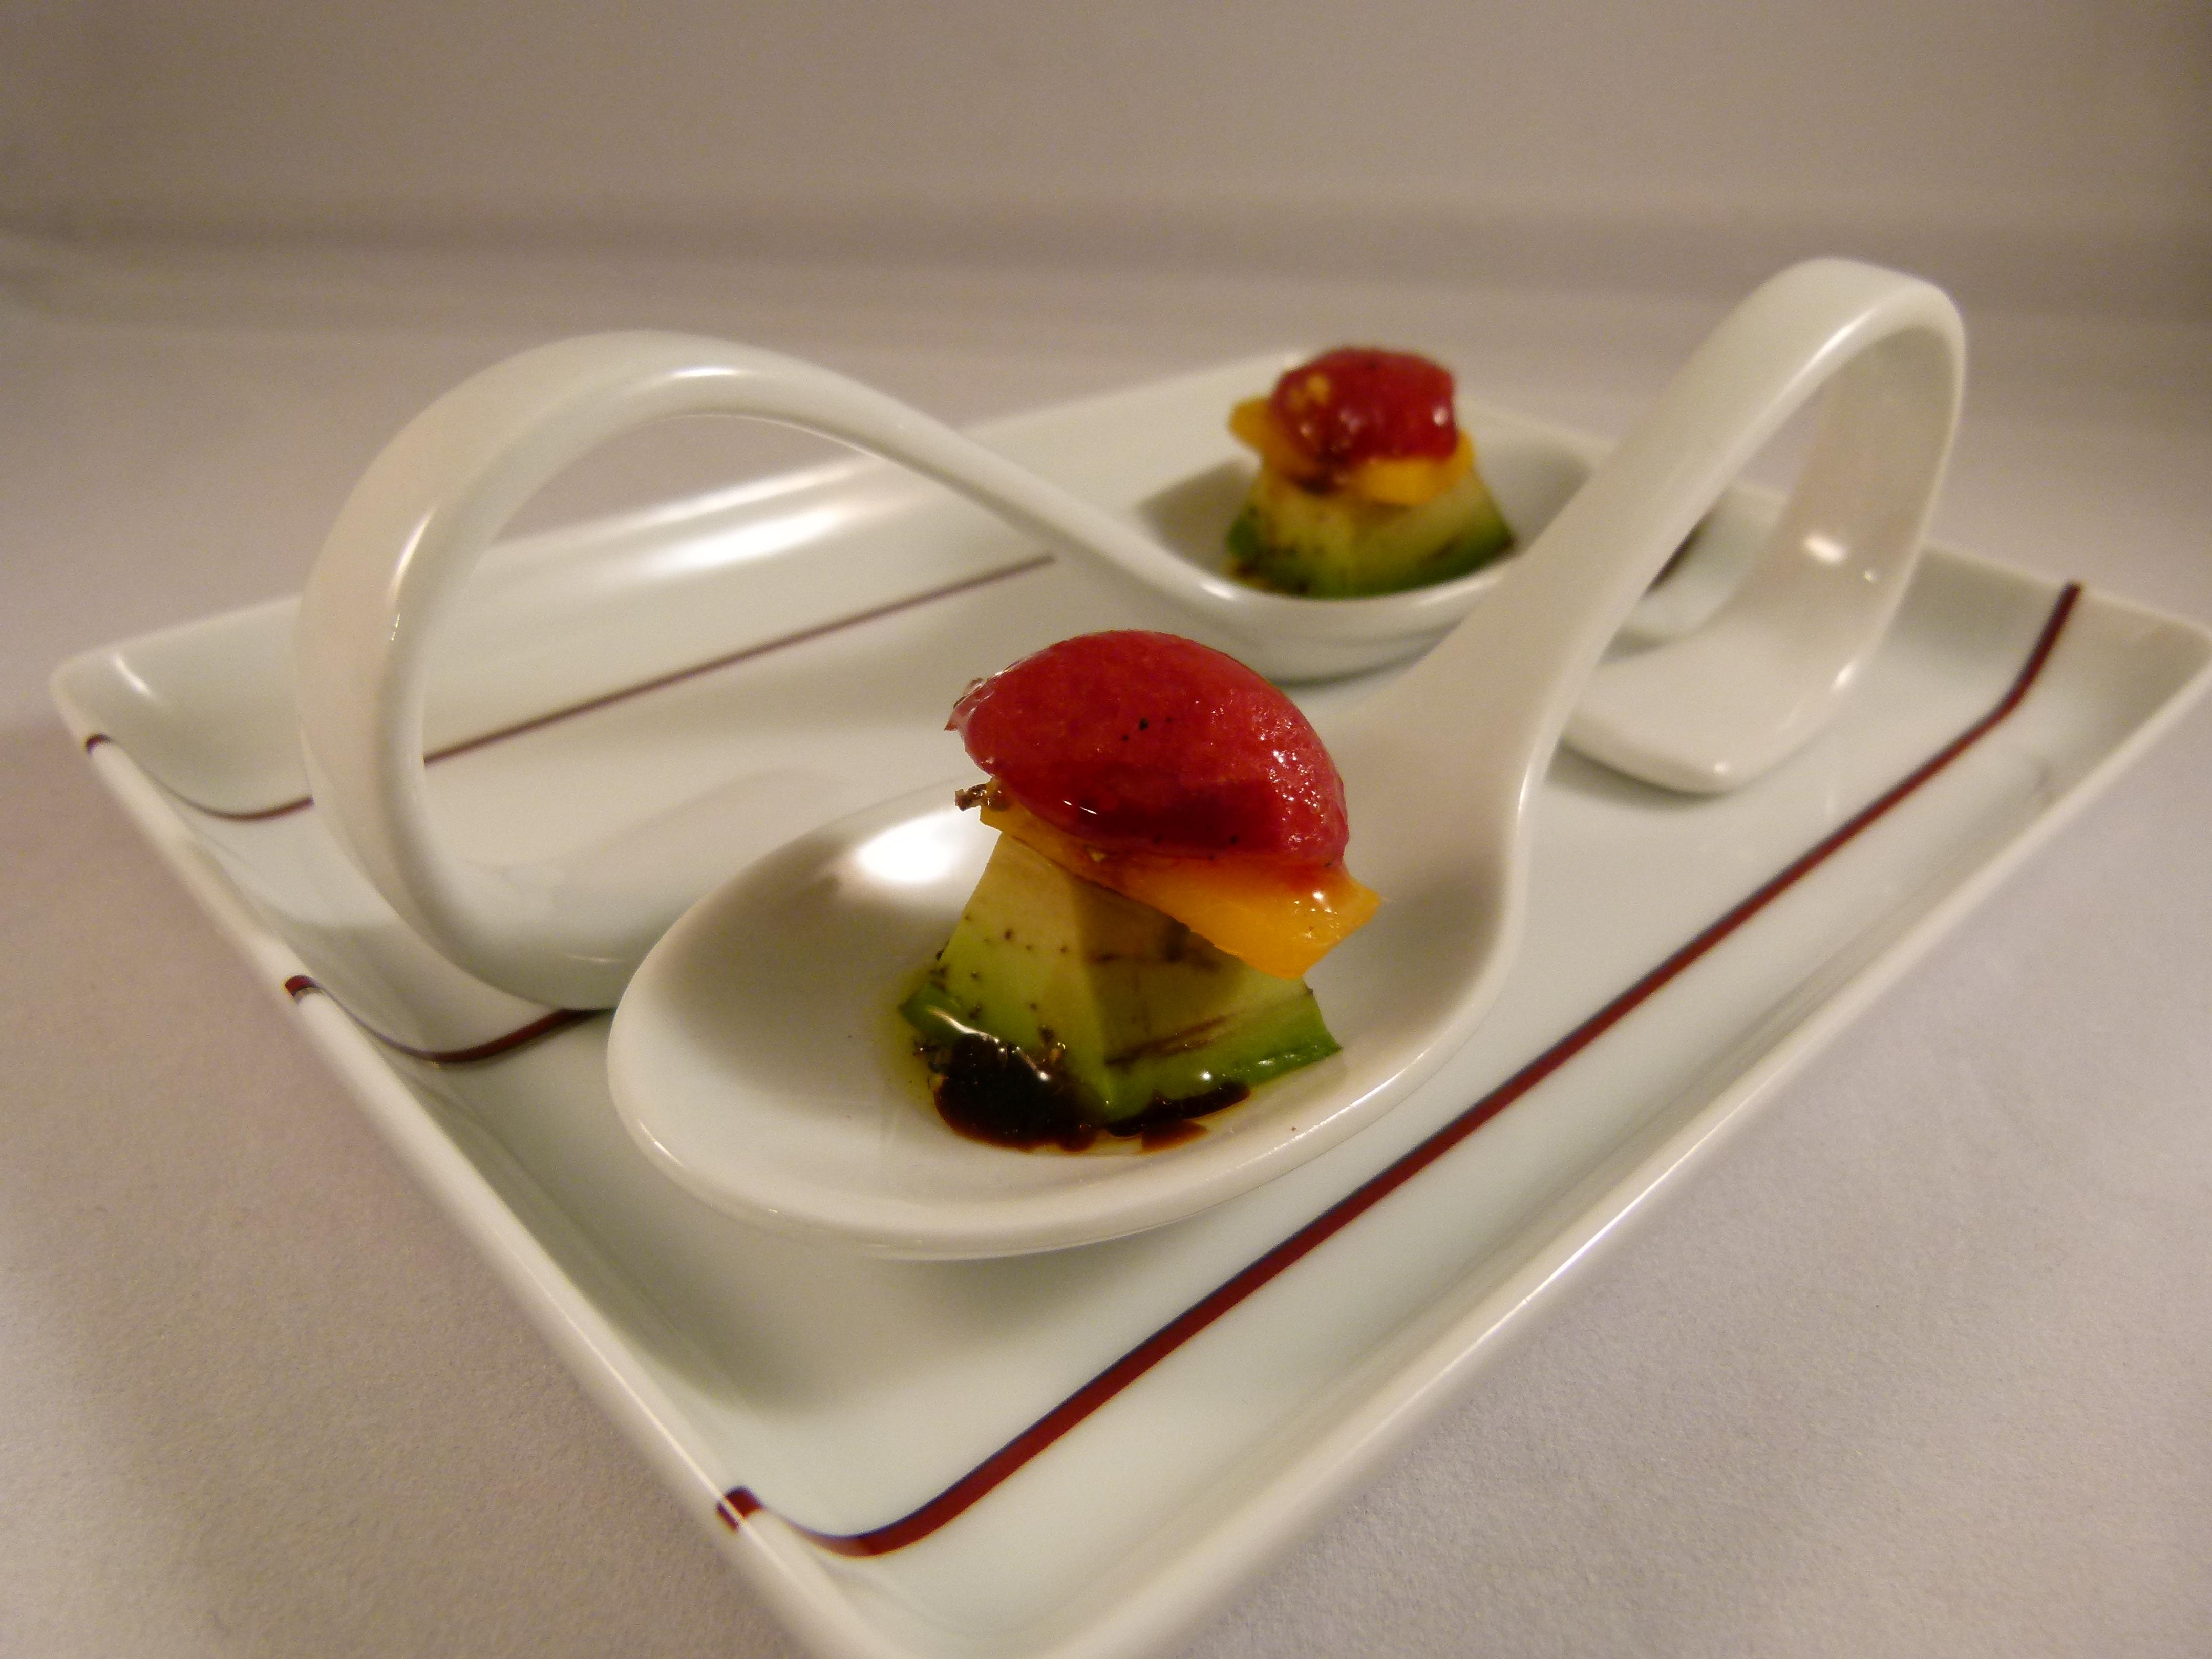 Gruß aus der küche rezepte  Amuse geule, eine Kleinigkeit zum Bluffen | lieberlecker